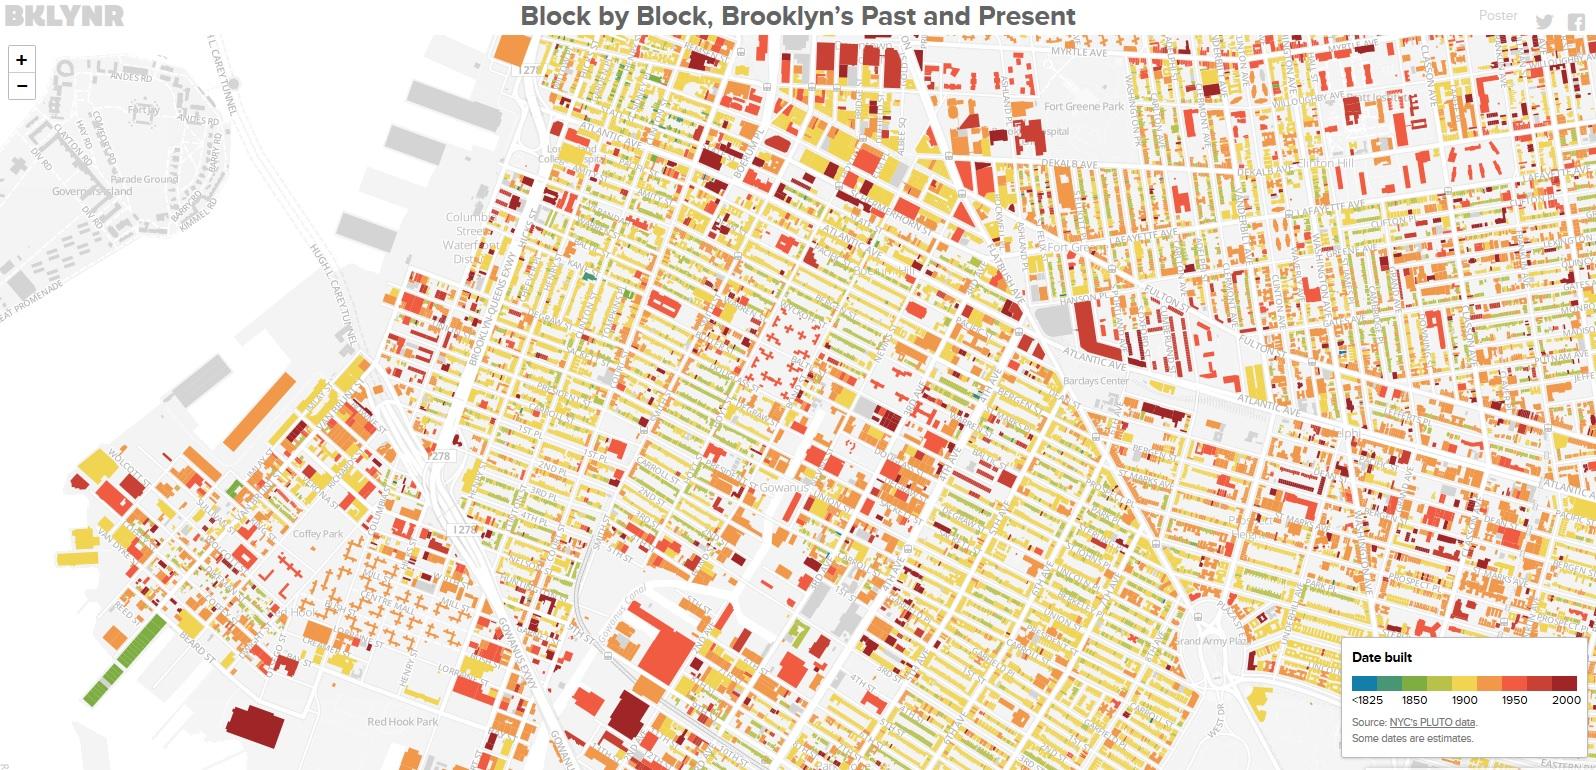 Block by Block, Brooklyn's Past and Present Une carte des bâtiments de Brooklyn Thomas Rhiel